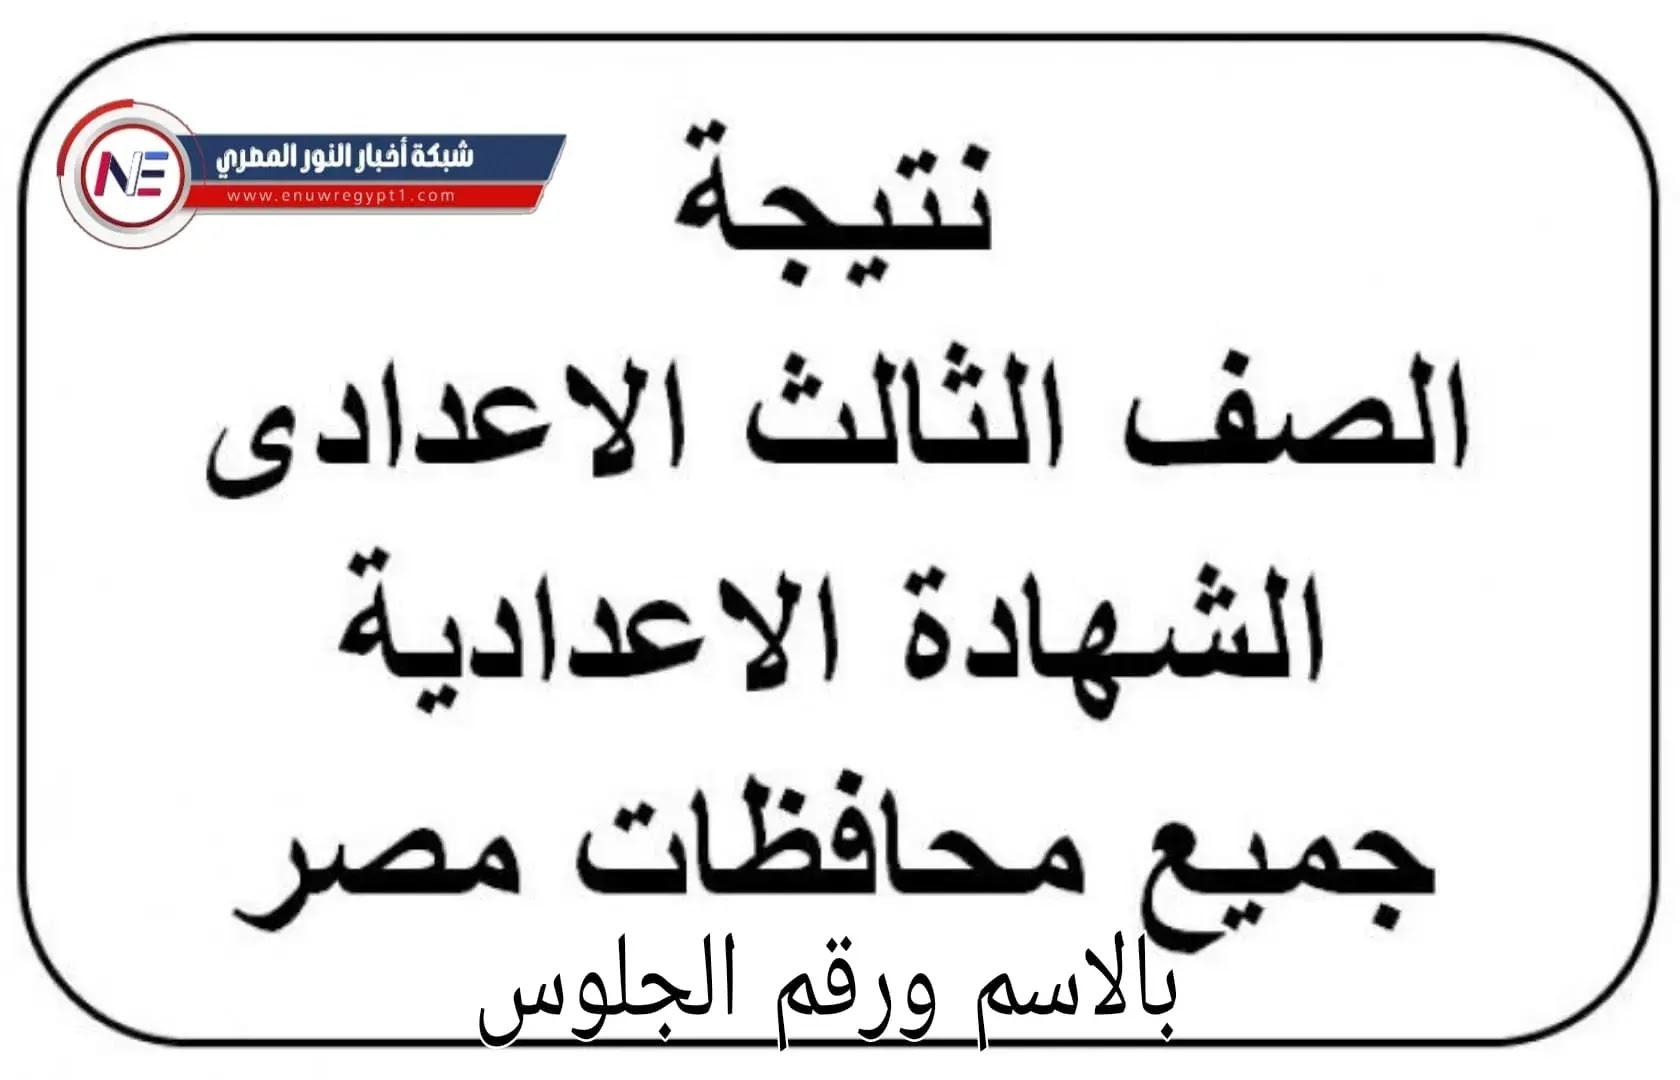 استعلم الان ..  نتيجة الصف الثالث الاعدادي الترم الثاني بالاسم ورقم الجلوس جميع محافظات مصر عبر بوابة نتائج التعليم الأساسي